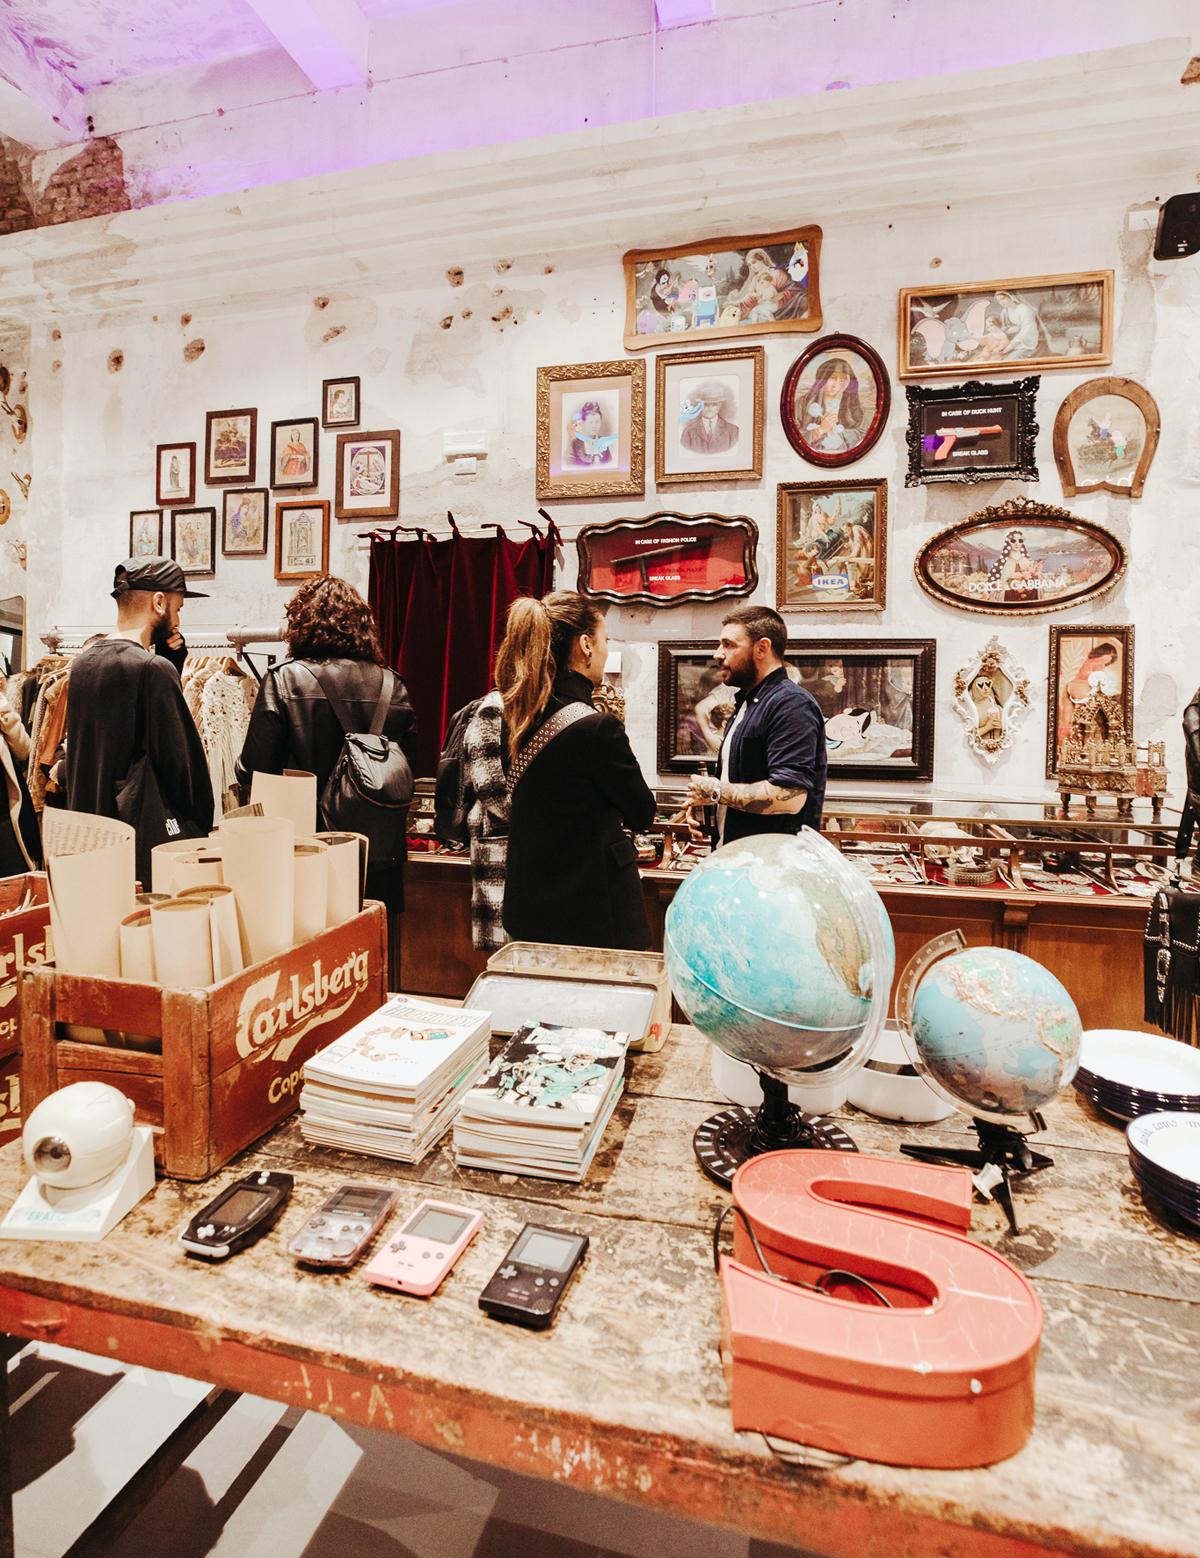 Negozi Per La Casa Milano l'east market diventa anche un negozio